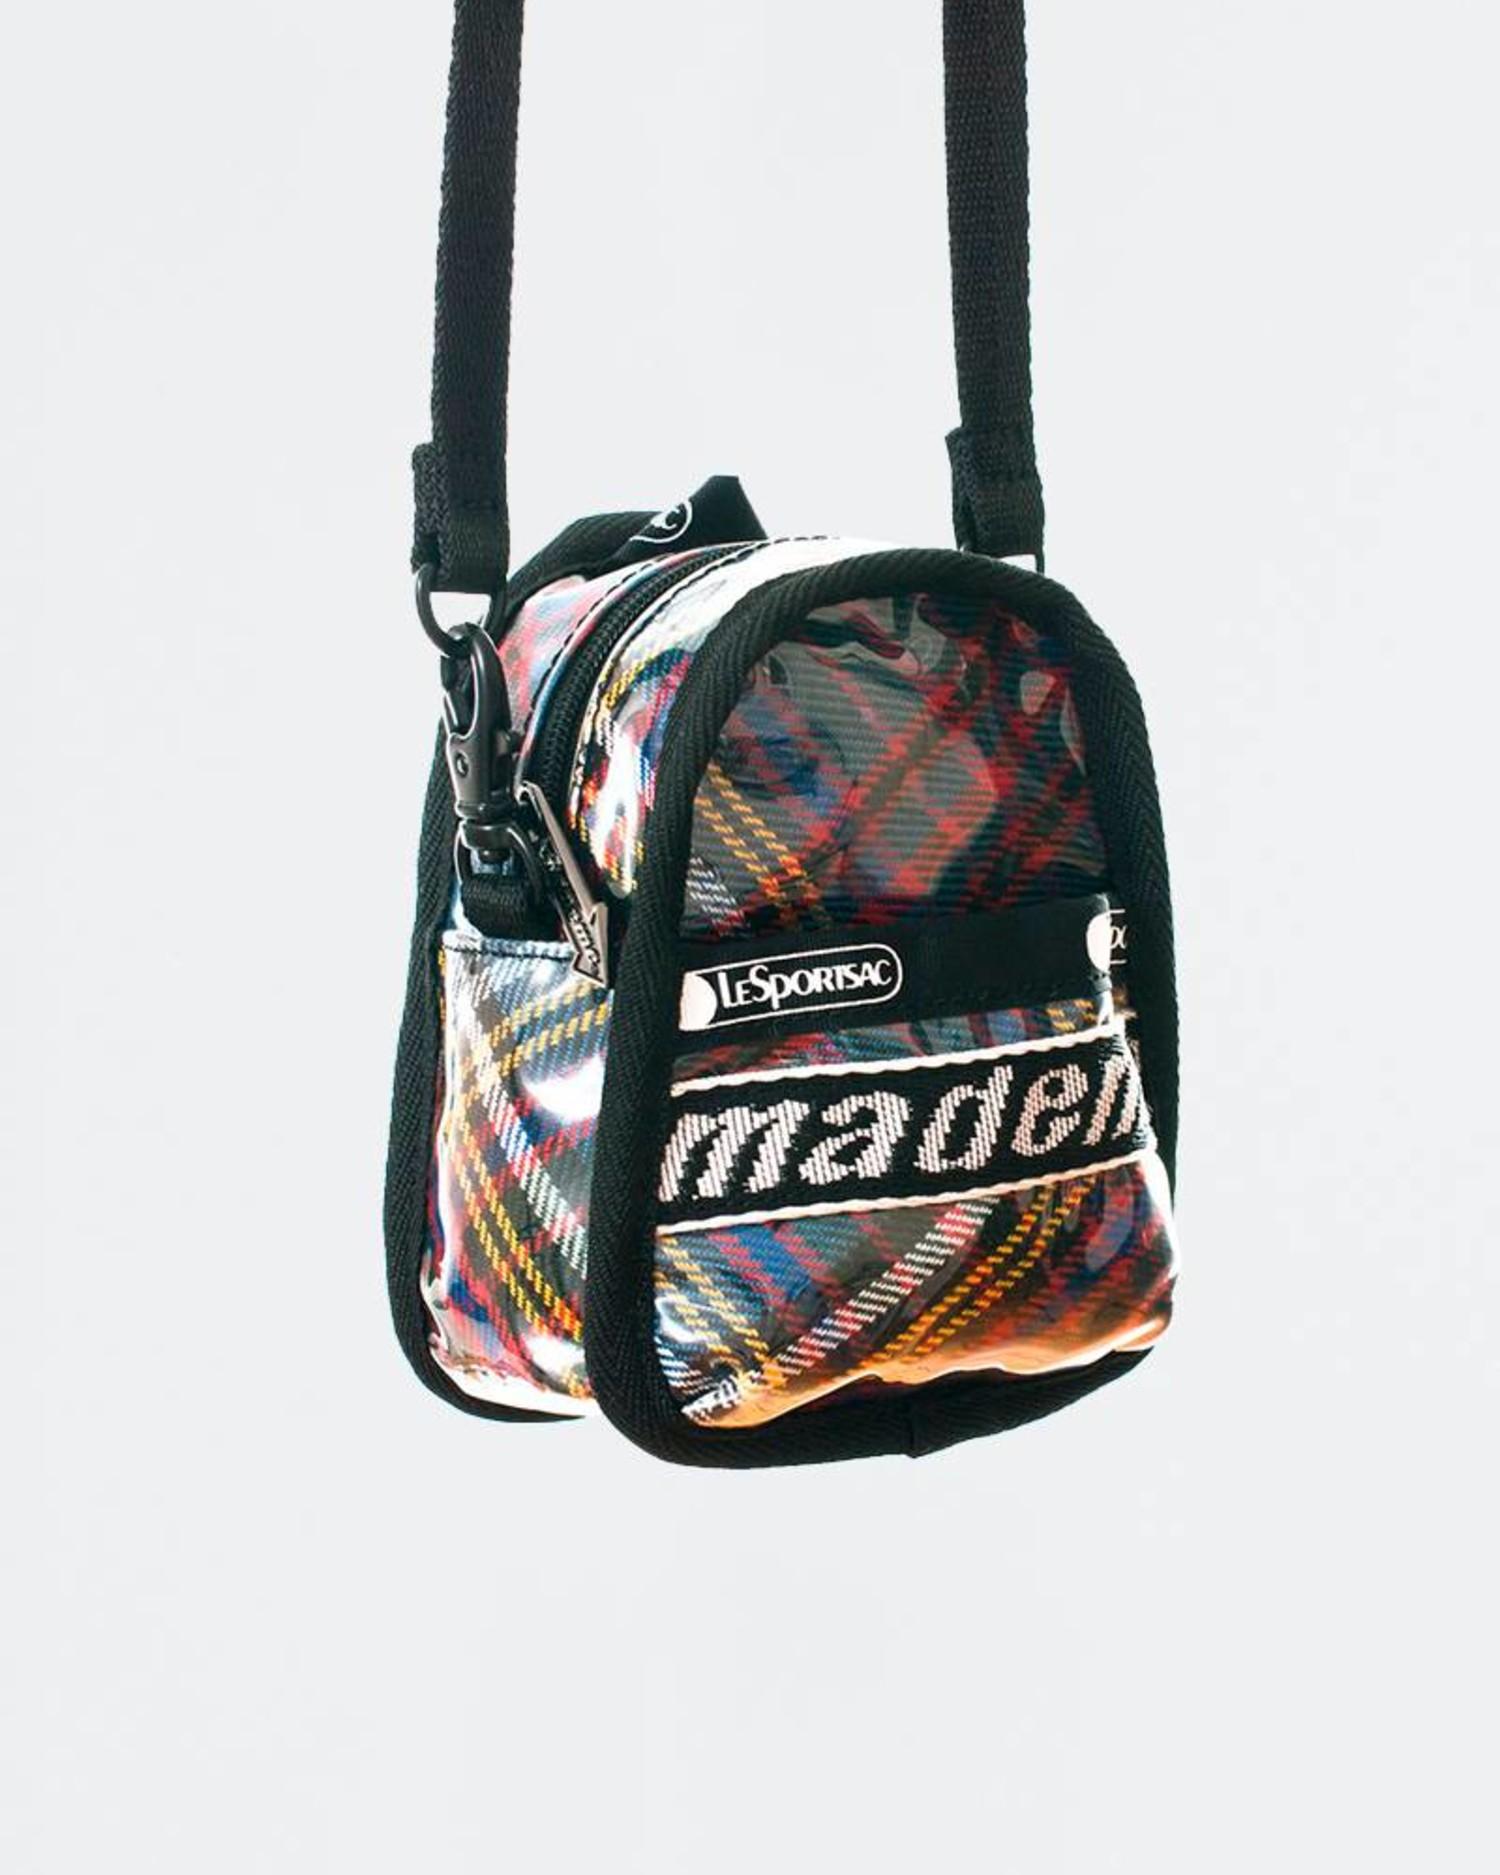 MadeMe x Lesportsac Mini Backpack Cross Body Blue Plaid